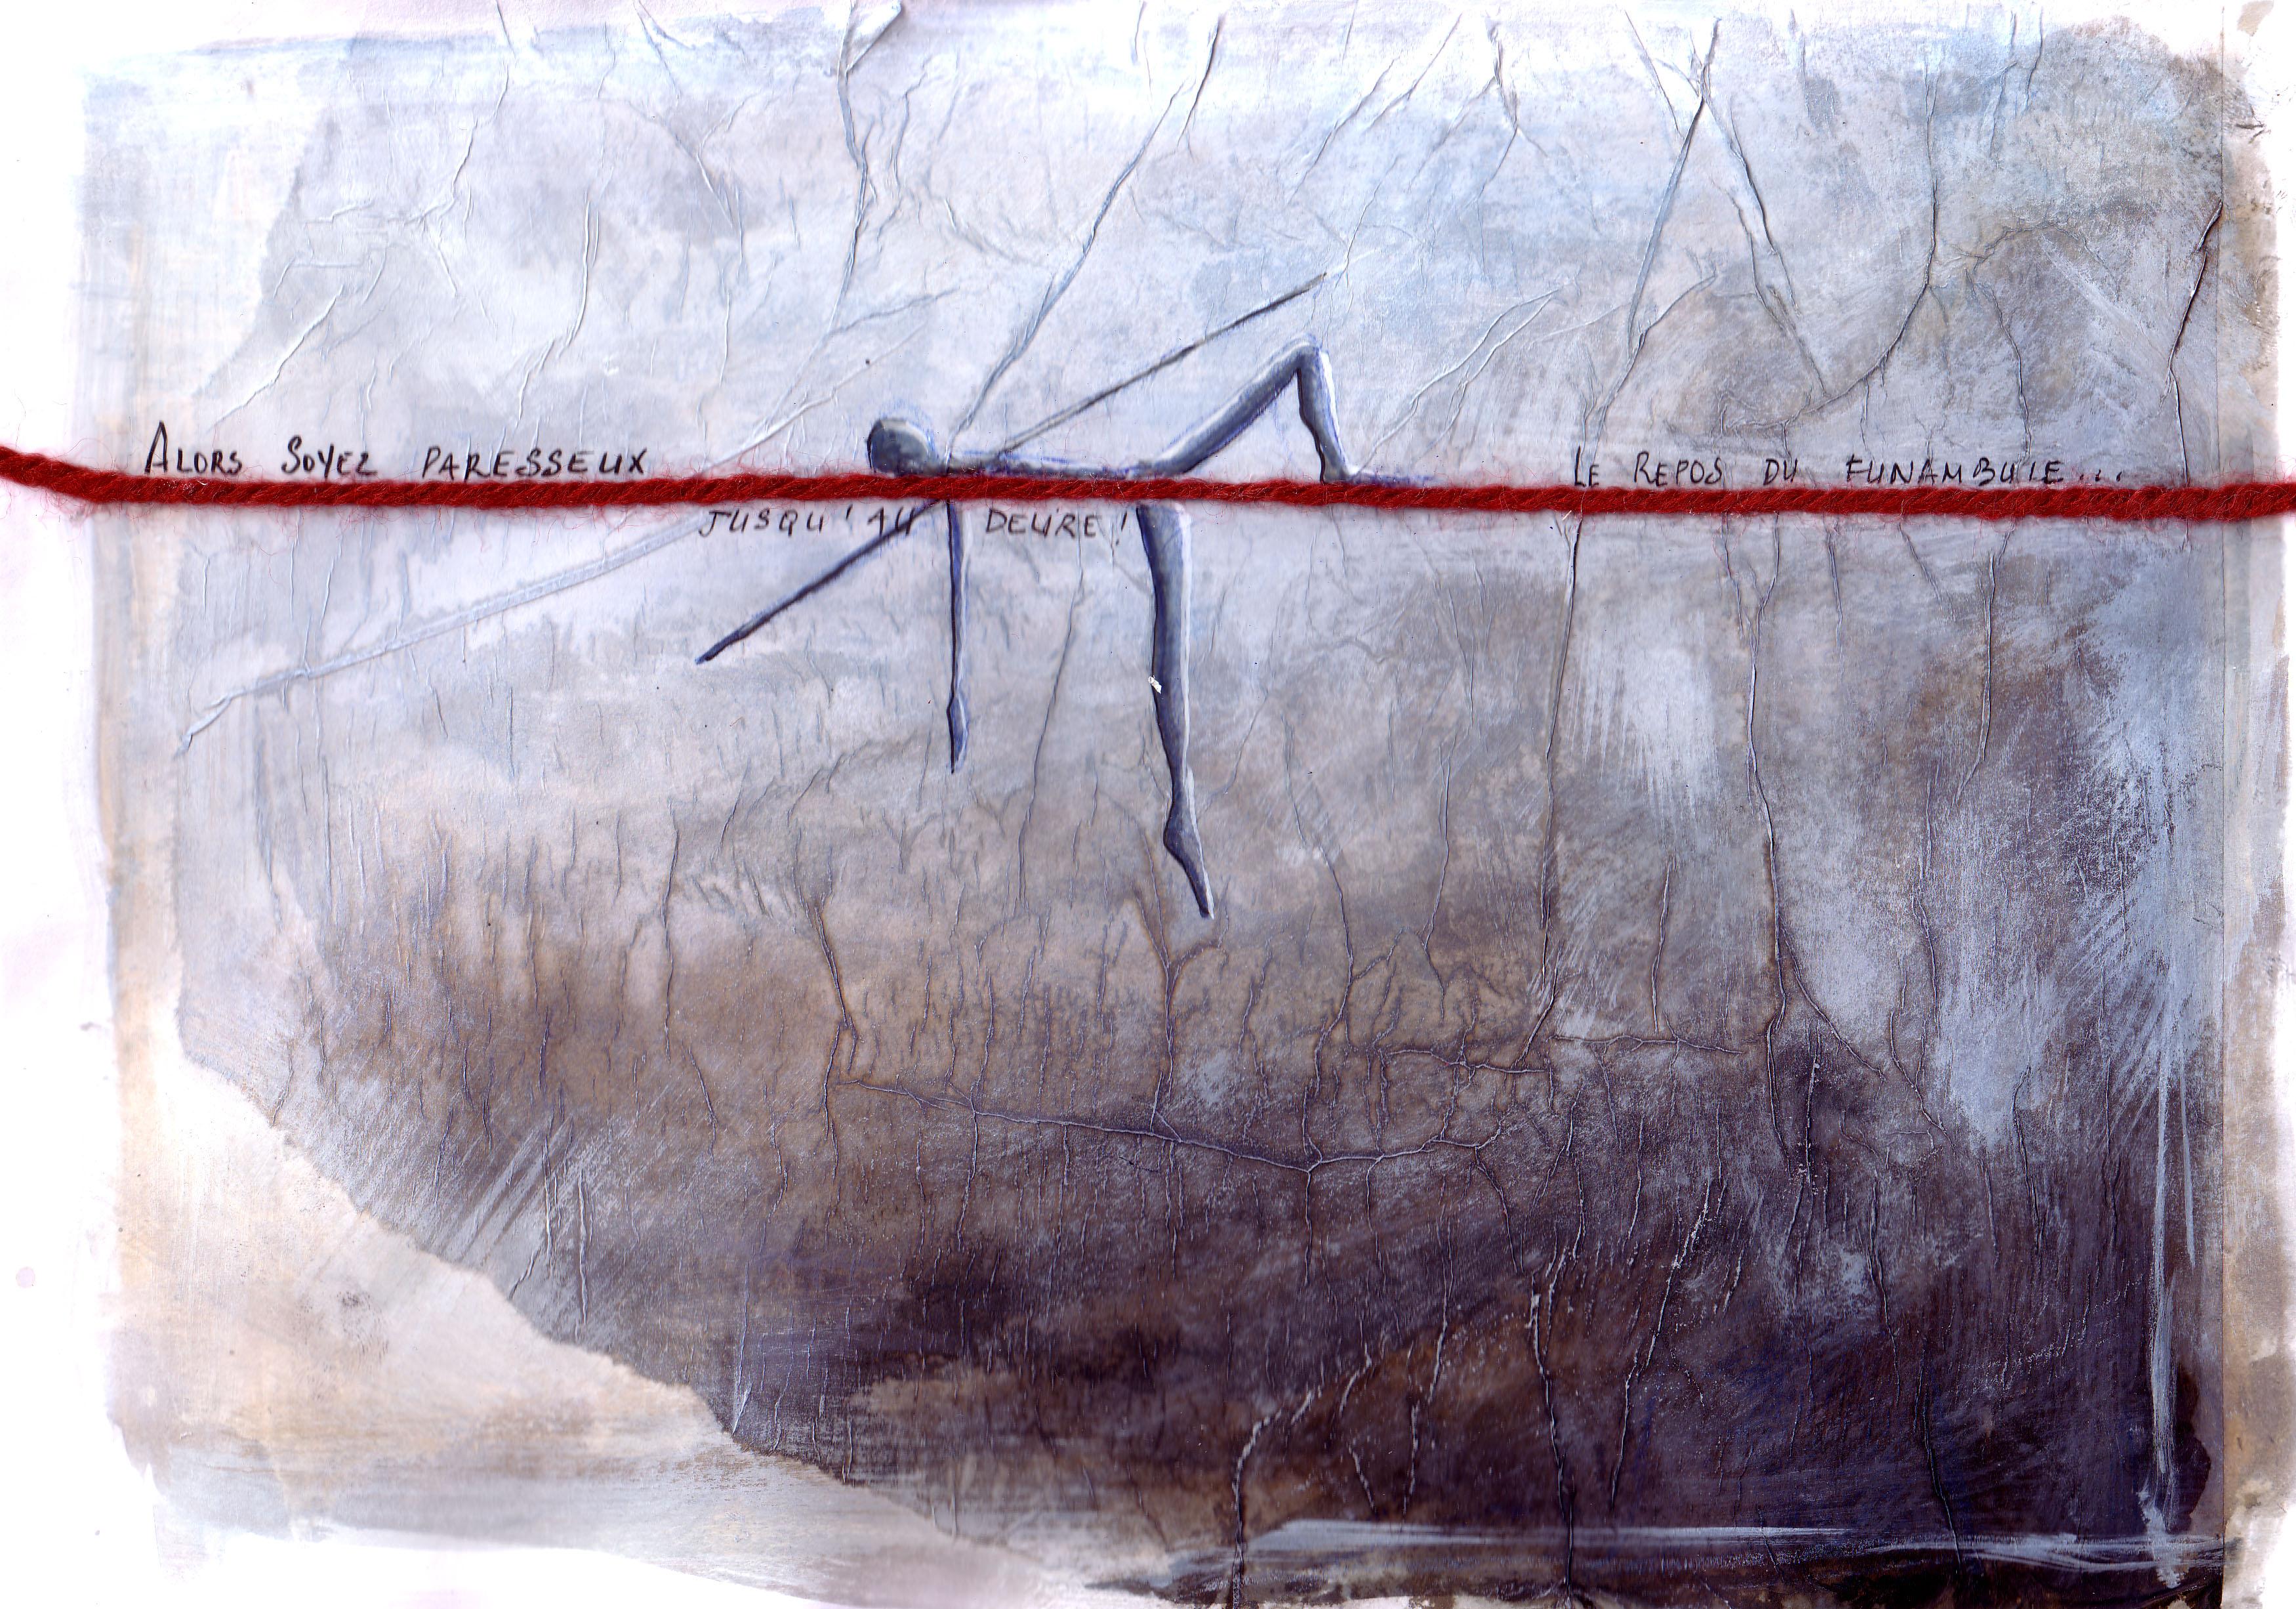 Le repos du funambule